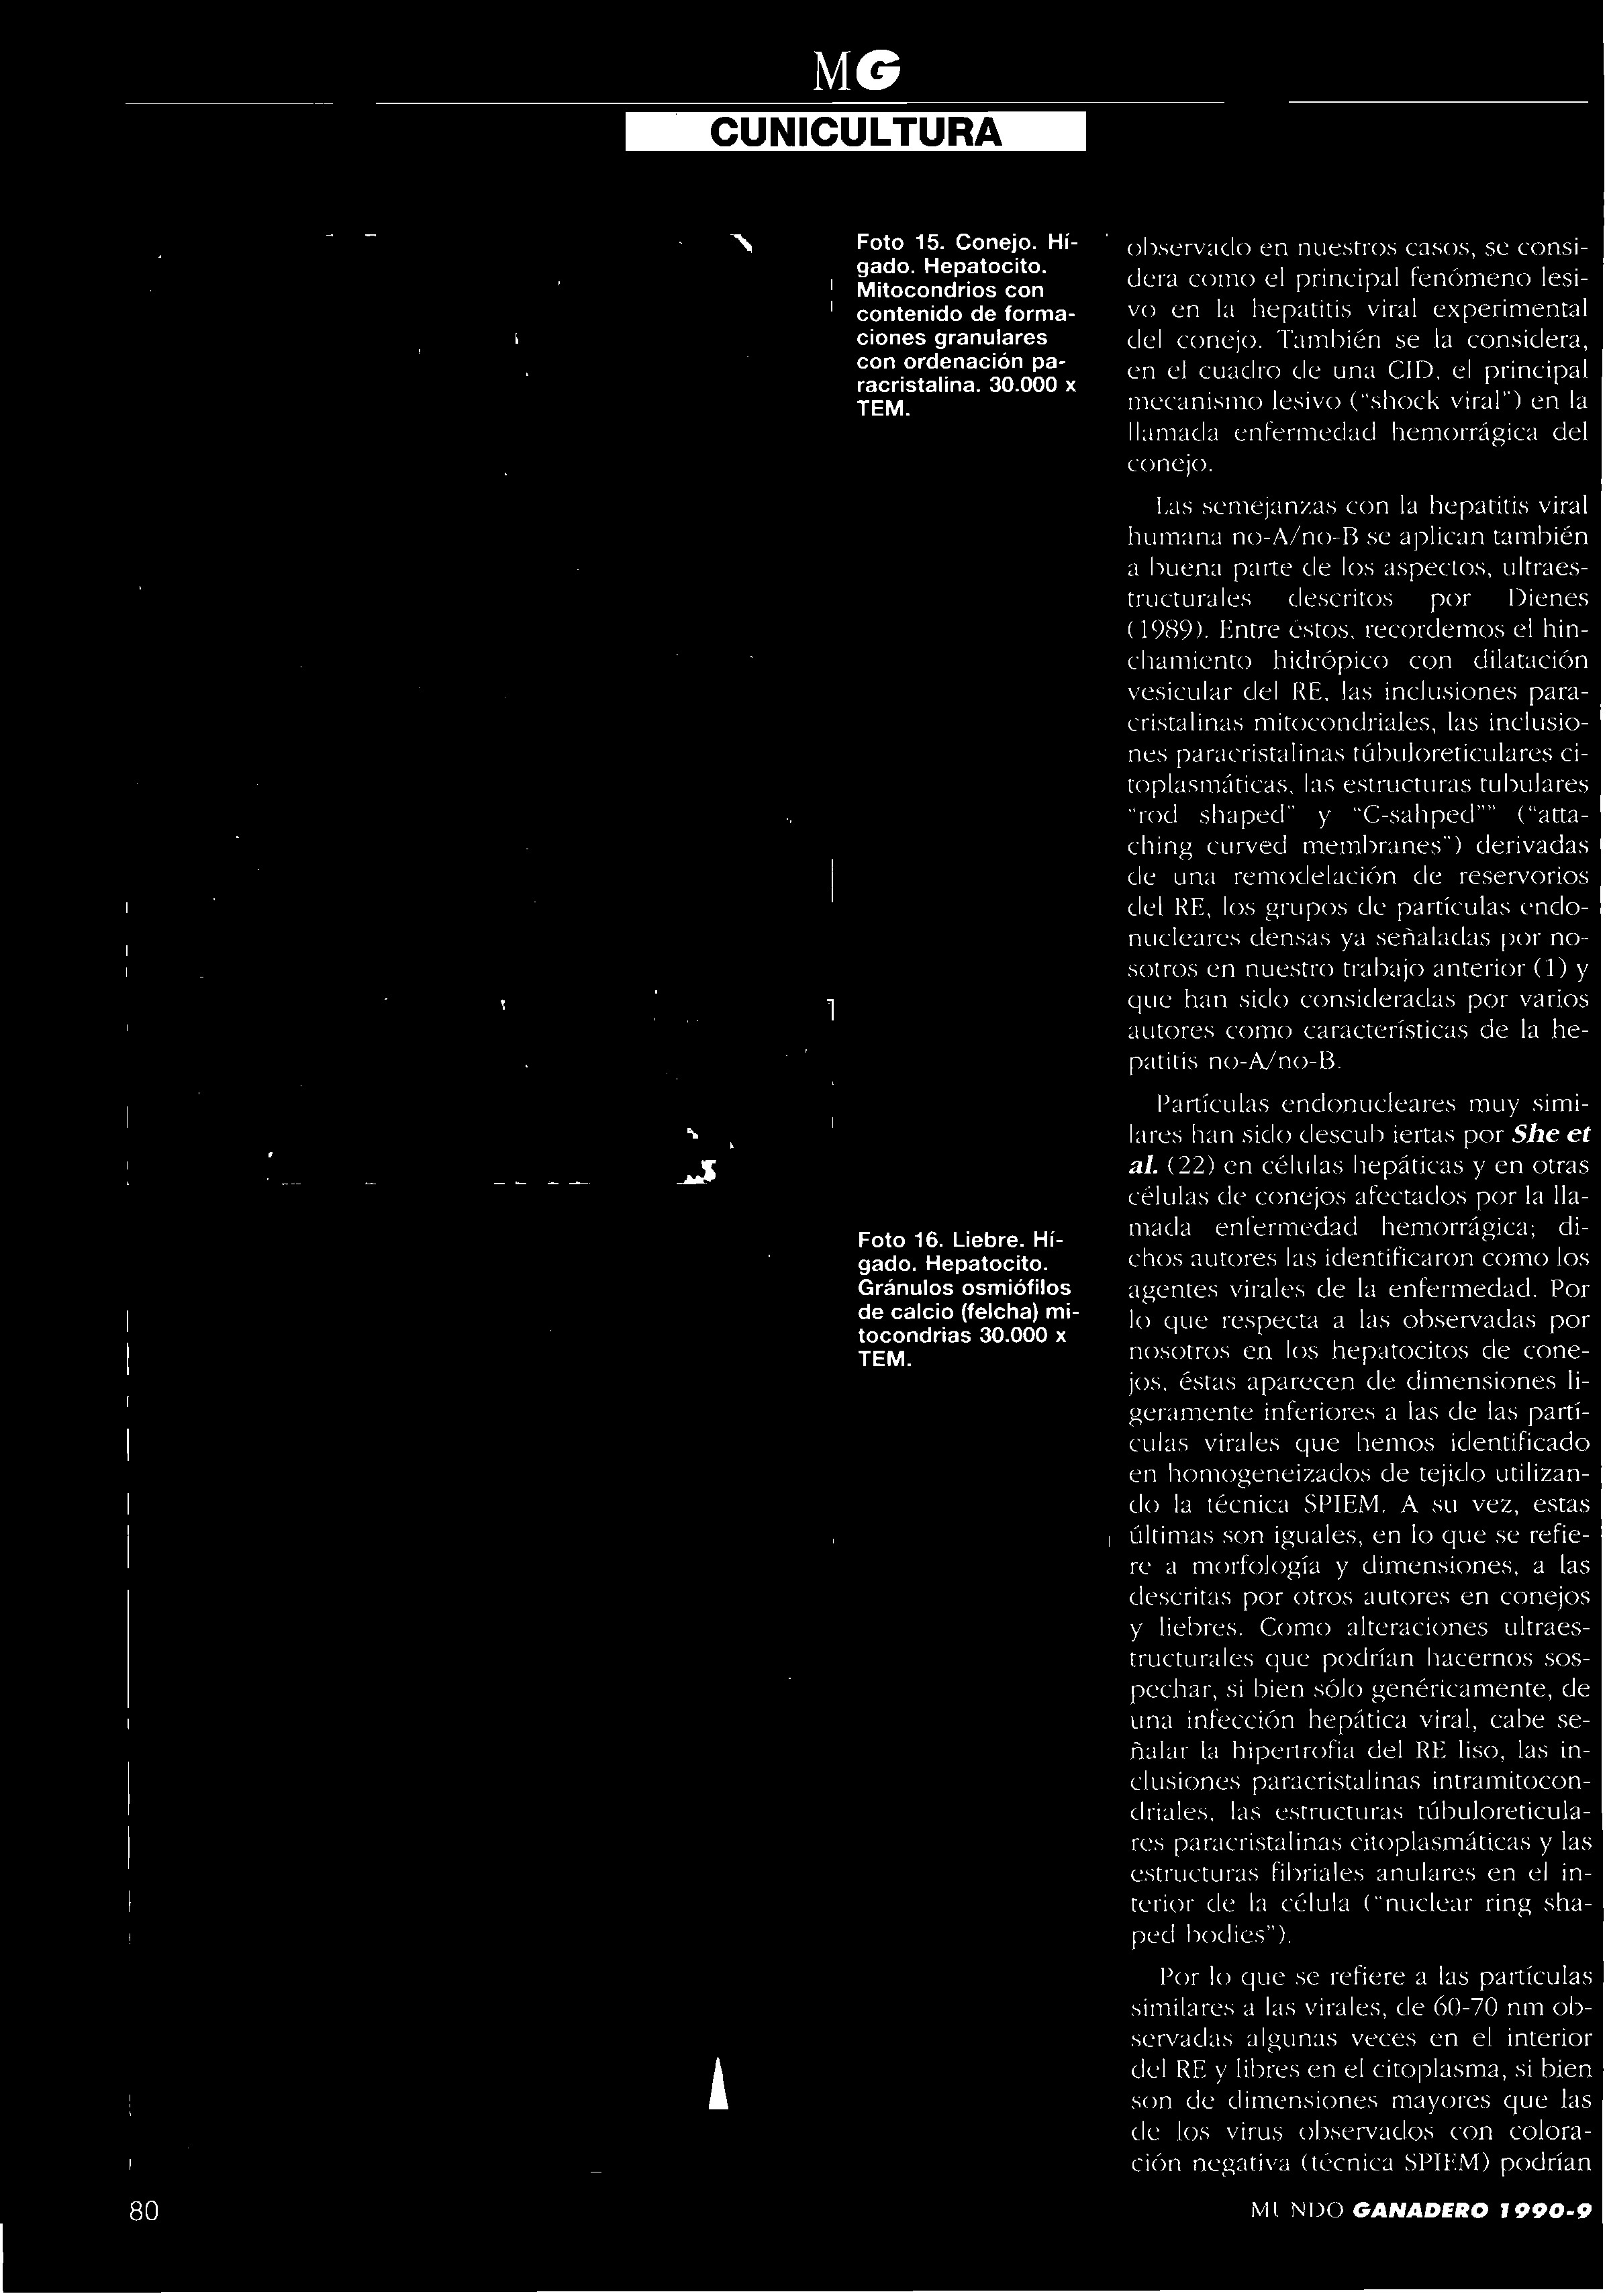 Calendario Lunar 2019 Chile Más Recientemente Liberado Mundoganadero Y R A±o 1